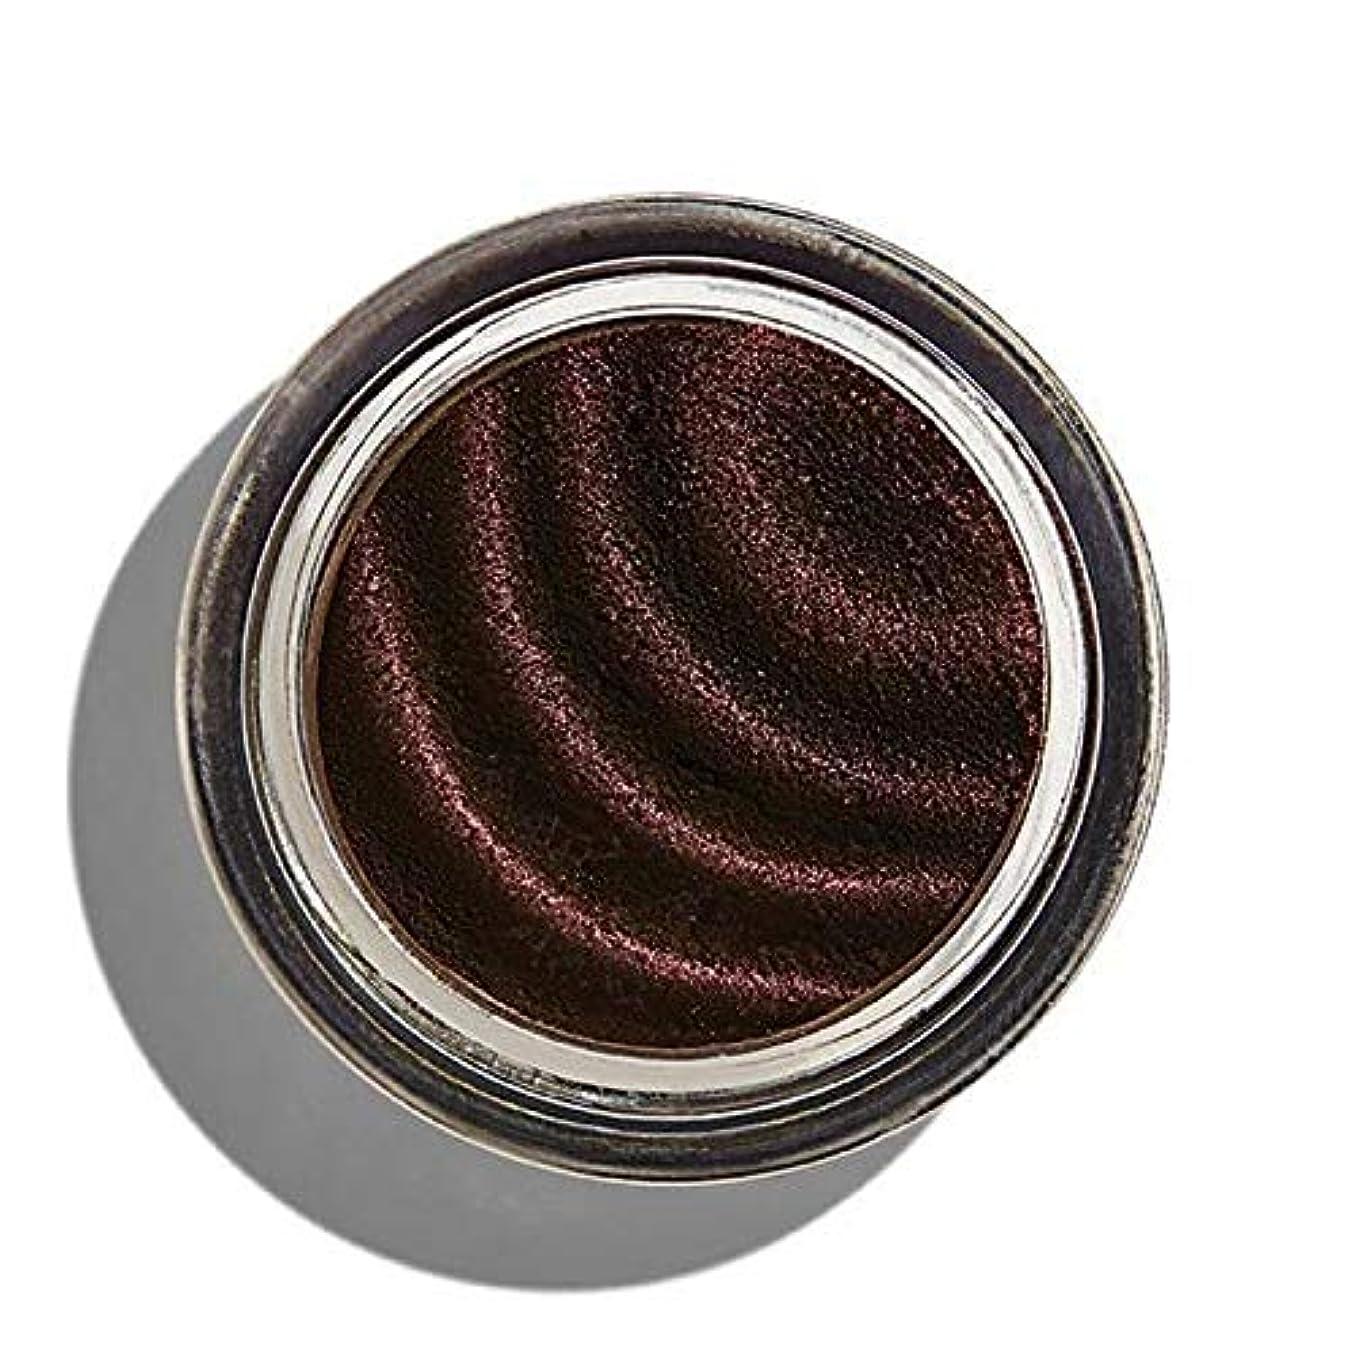 冒険家法律により動物園[Revolution ] 化粧革命磁化のアイシャドウバーガンディ - Makeup Revolution Magnetize Eyeshadow Burgundy [並行輸入品]